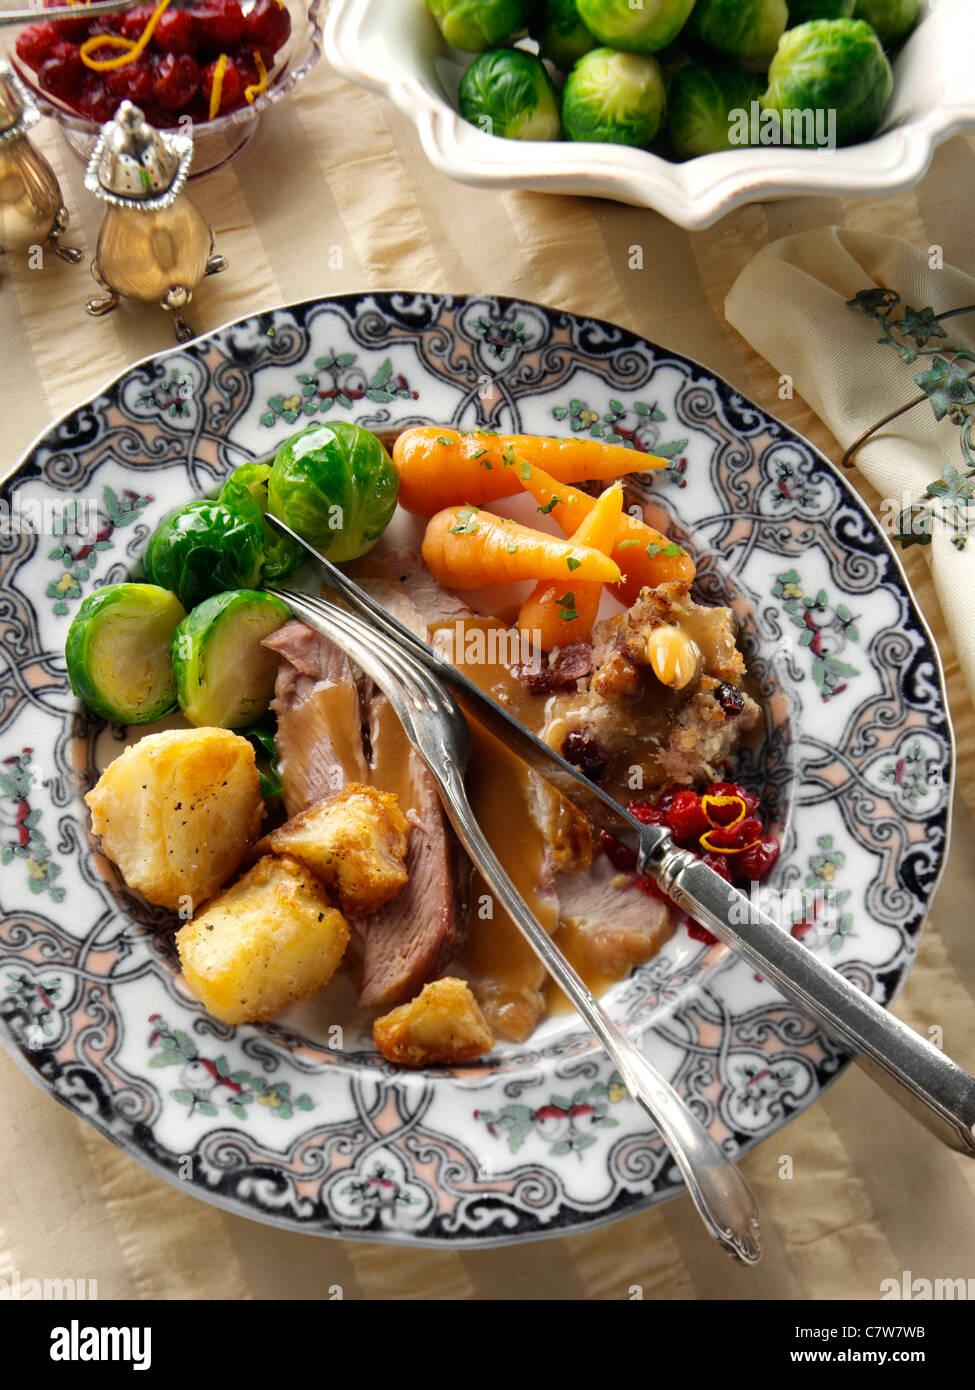 Braten Weihnachten.Braten Sie Türkei Scheiben Mit Füllung Rosenkohl Baby Karotten